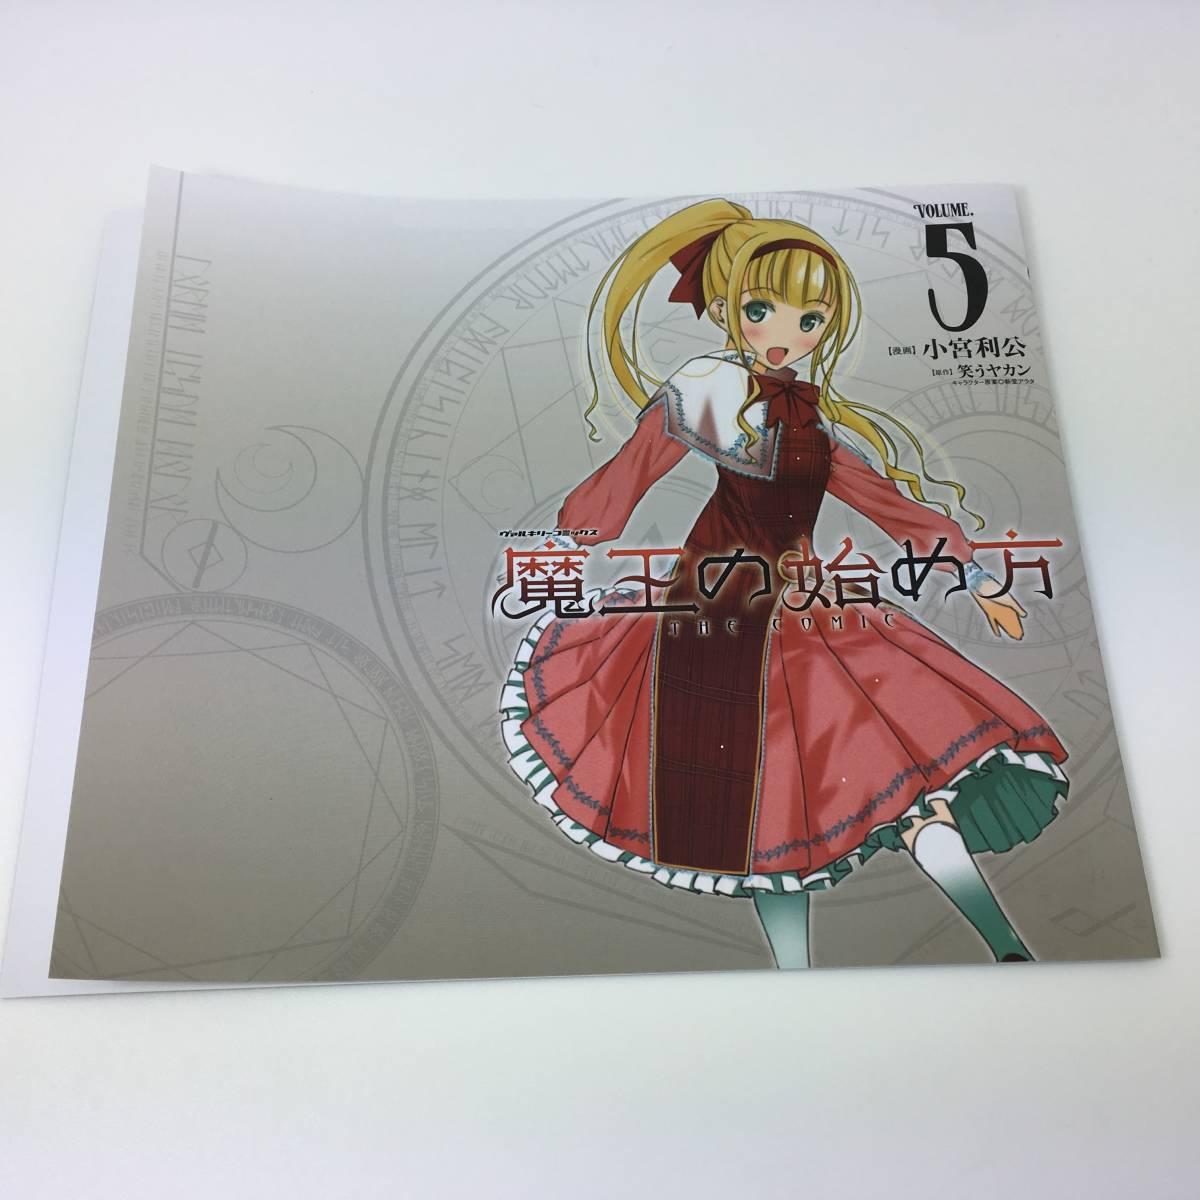 魔王の始め方 コミックス 5巻 オリジナル ブックカバー 1枚              ( メロンブックス 限定 特典_画像1